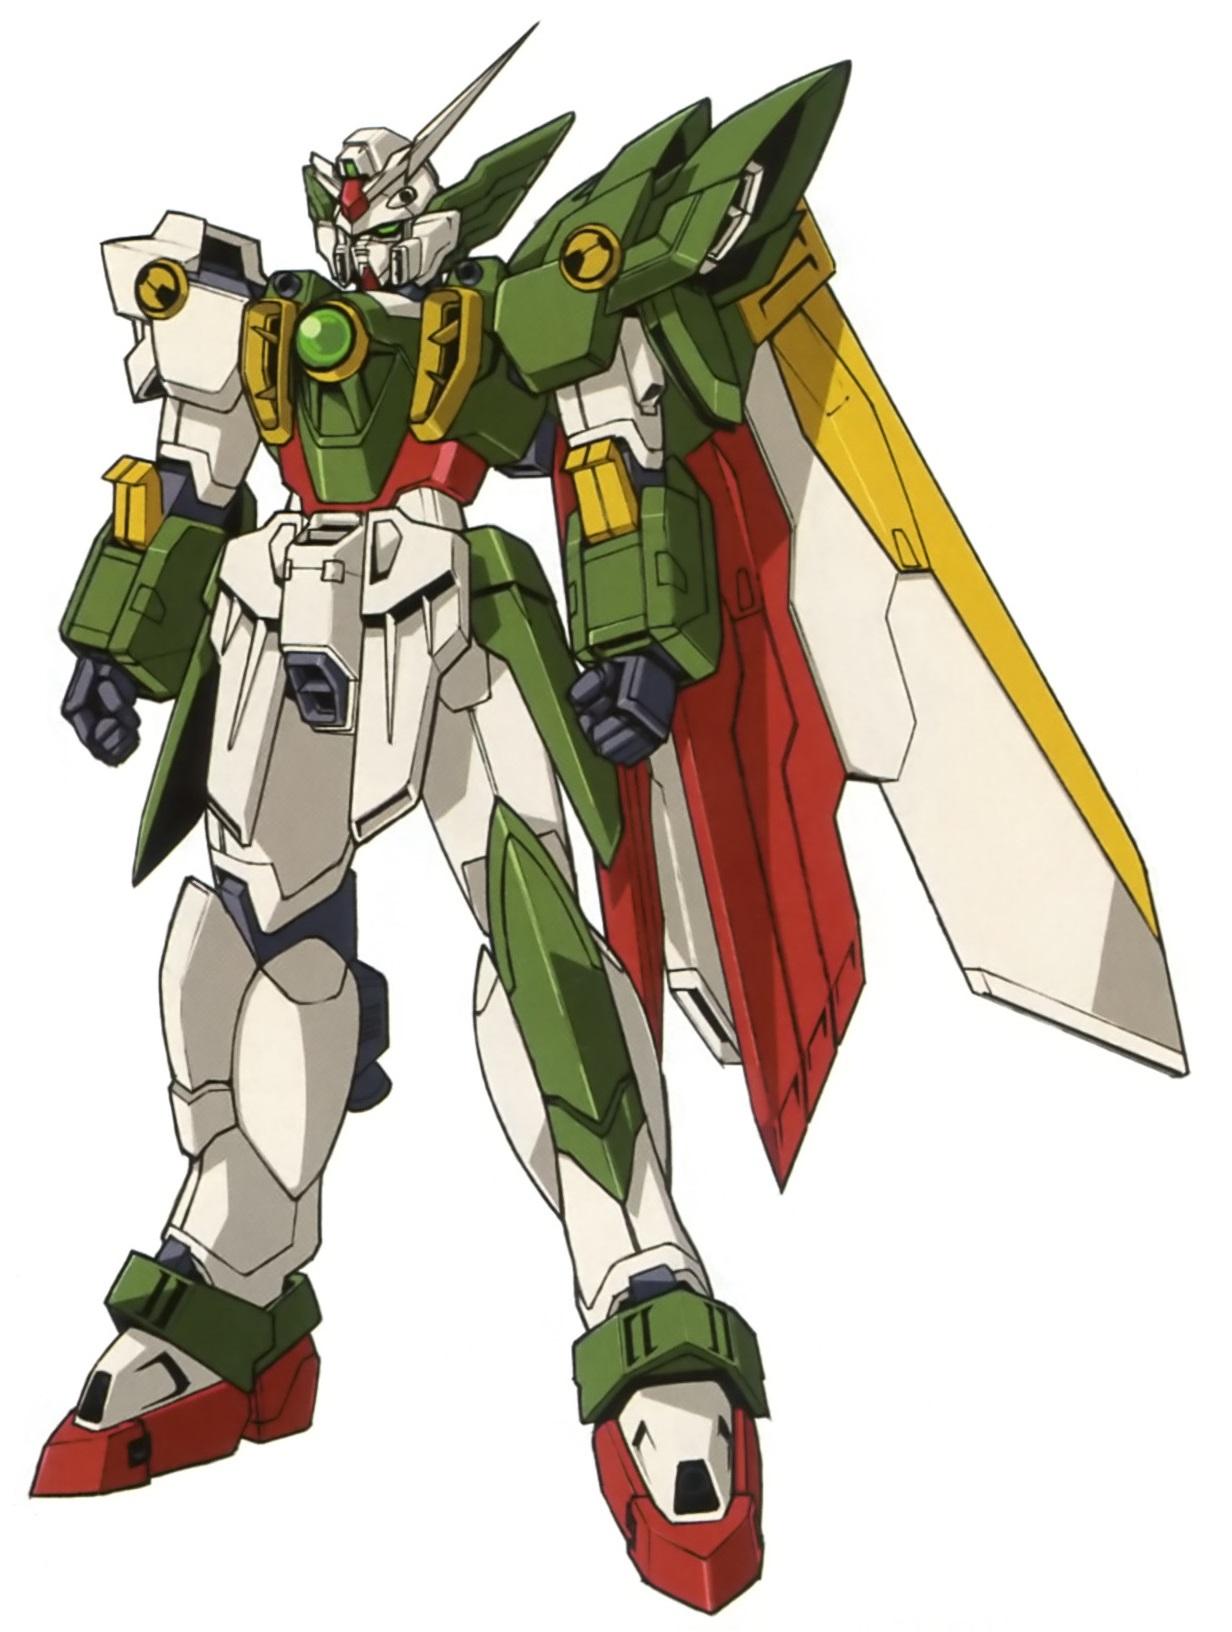 English To Italian Translator Google: XXXG-01Wf Wing Gundam Fenice